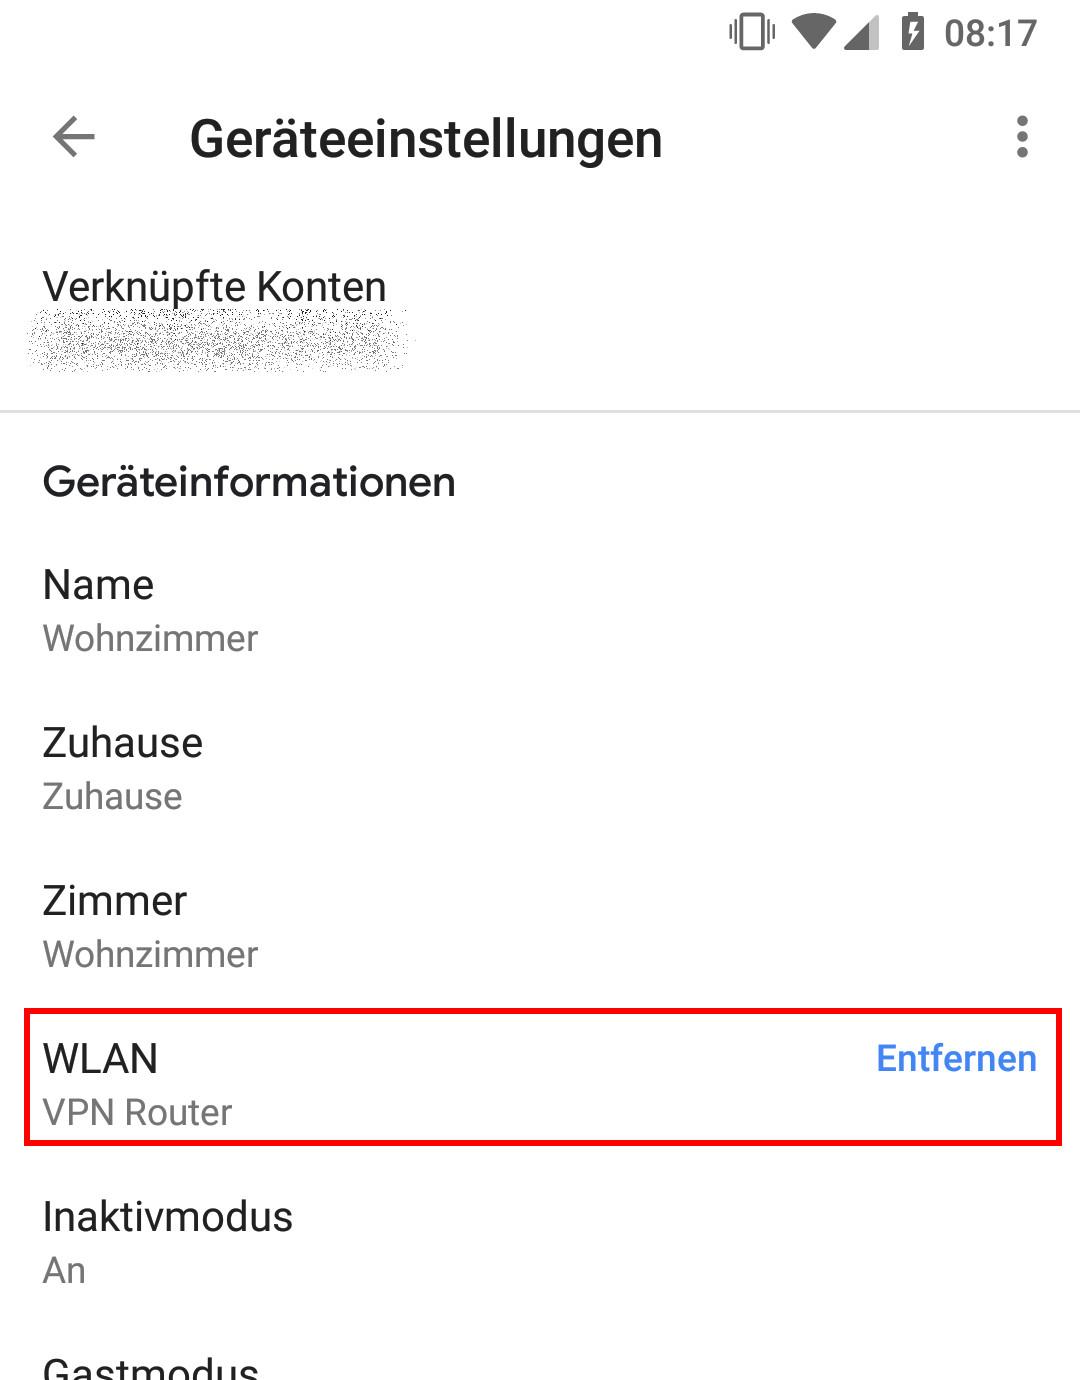 Chromecast mit VPN-Router verbunden